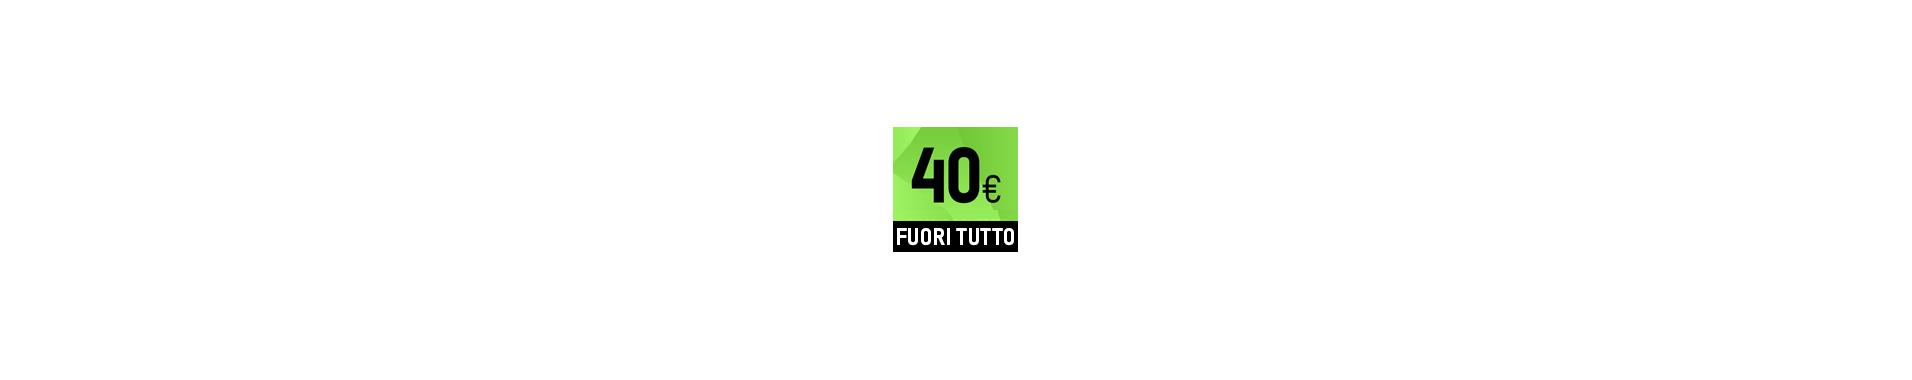 Fuori tutto giacche in tessuto per moto a 40 euro